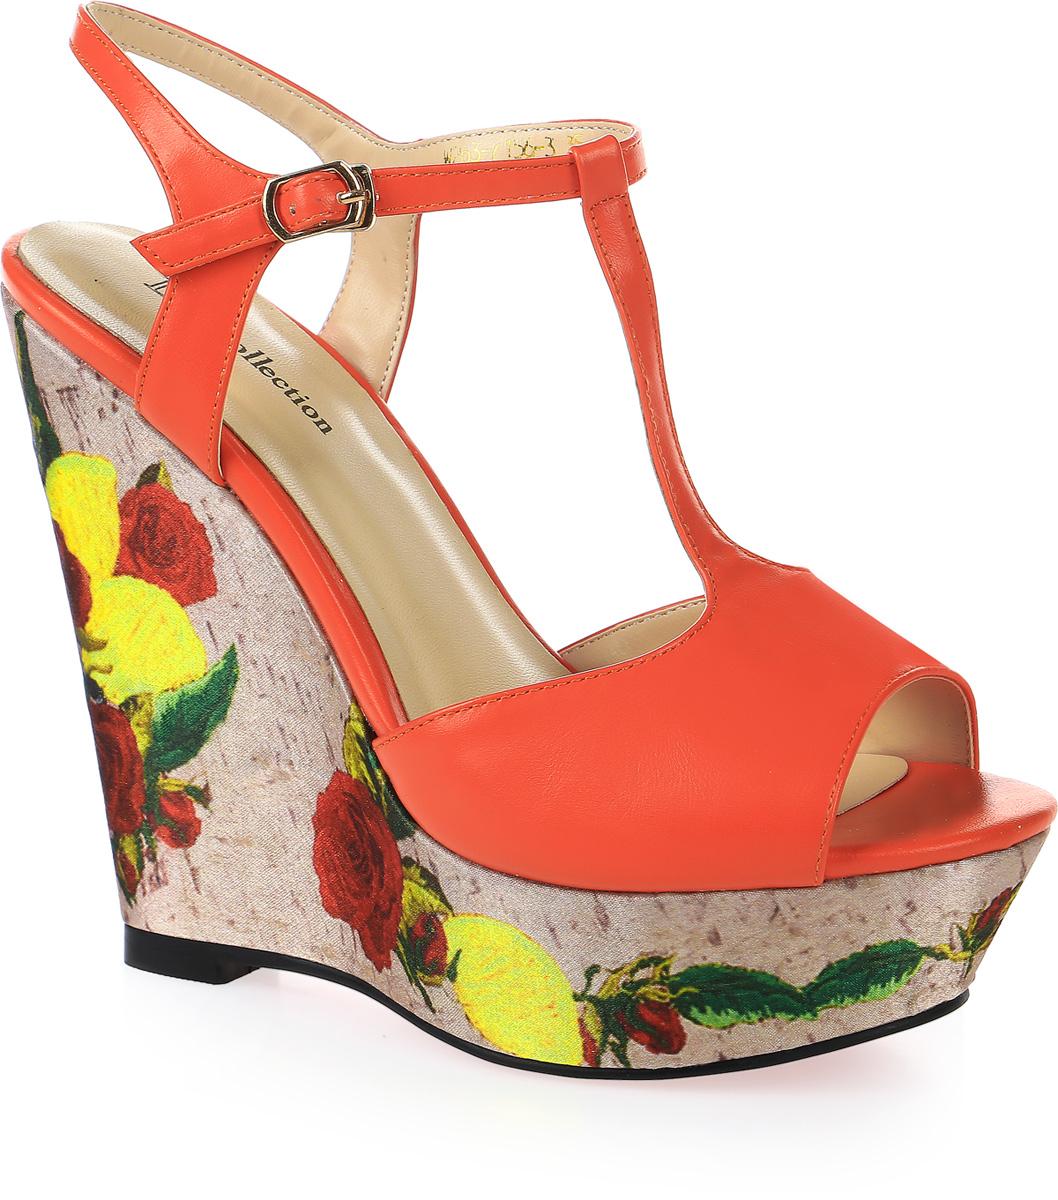 Босоножки женские LK Collection, цвет: оранжевый. W263-7156-3 PU. Размер 35W263-7156-3 PUСтильные босоножки на высокой танкетке выполнены из искусственной кожи. Стелька выполнена из натуральной кожи. Босоножки фиксируются на ноге при помощи застежки-пряжки.